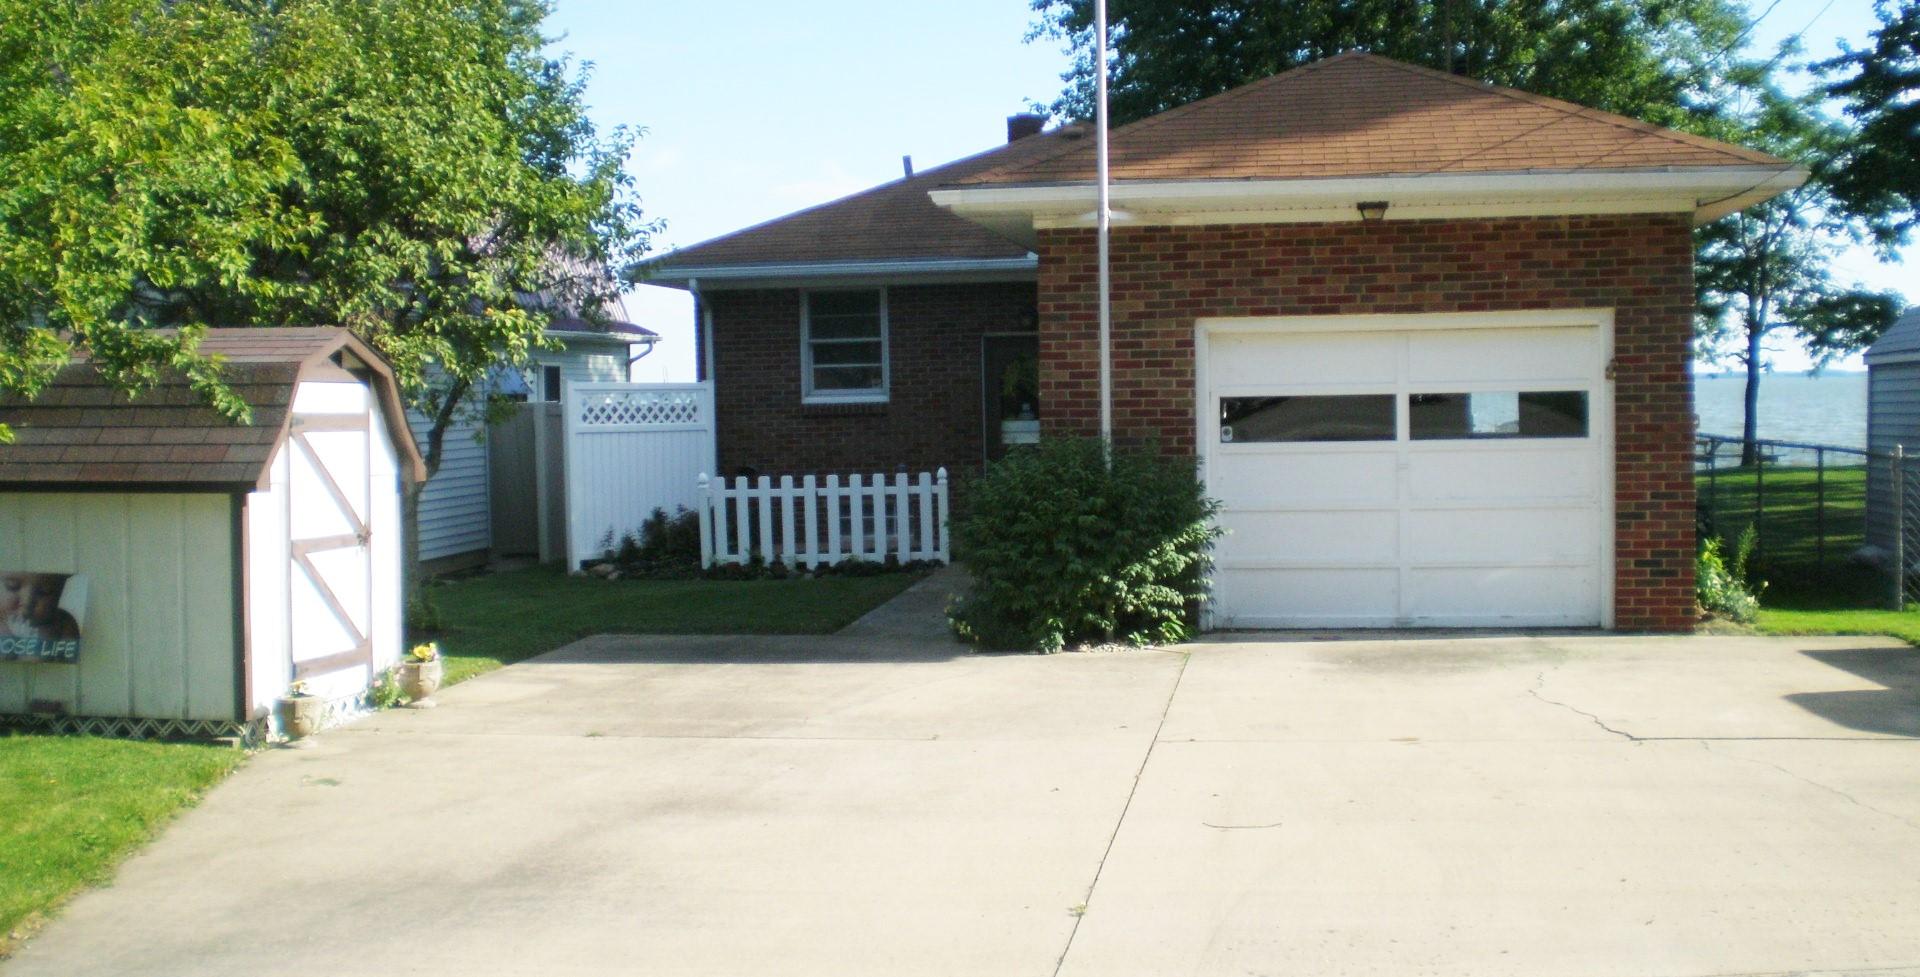 1154 E. Hickory Grove Port Clinton OH 43452